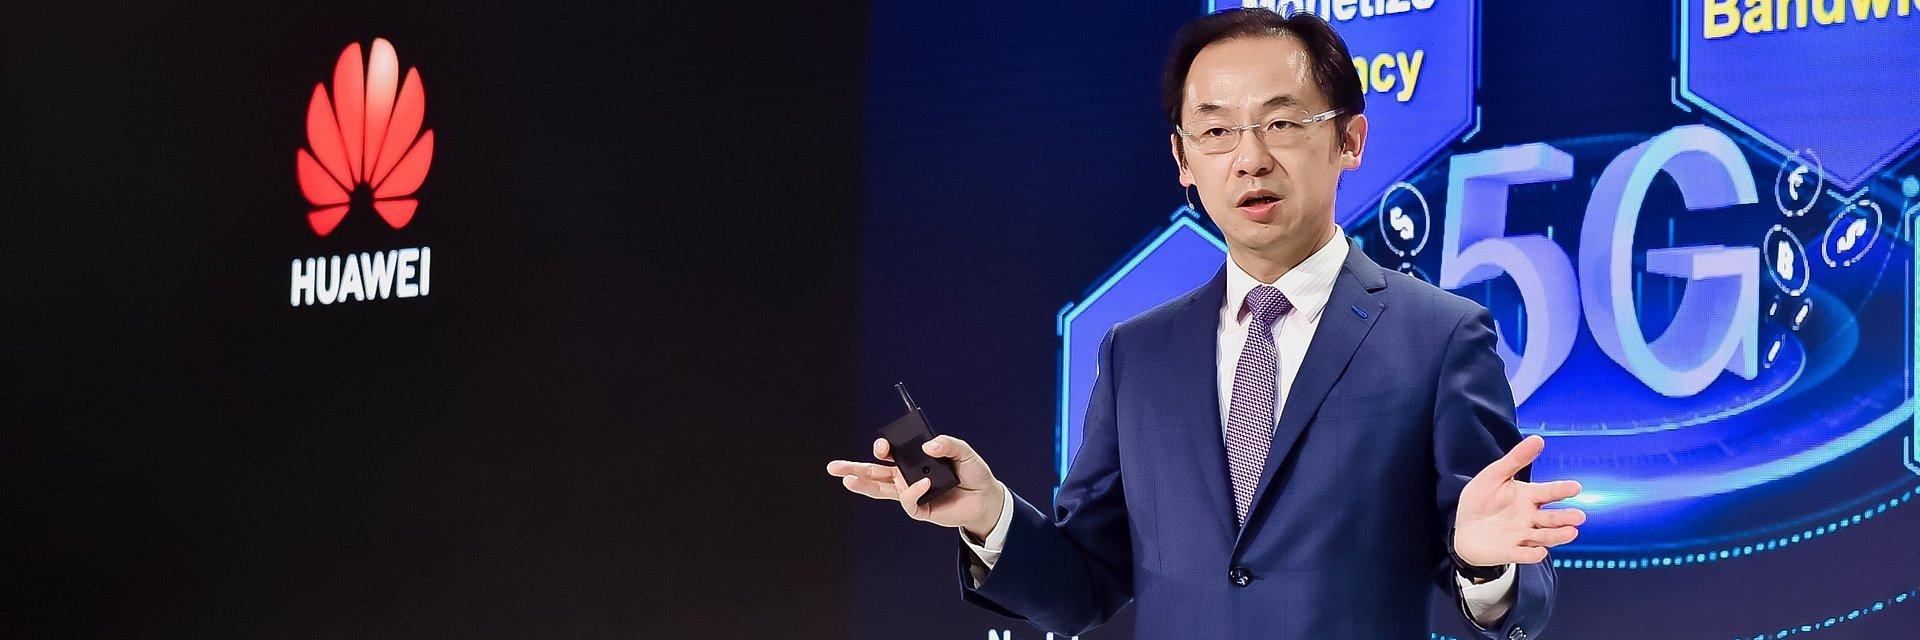 Huawei prezentuje nowe produkty i rozwiązania 5G